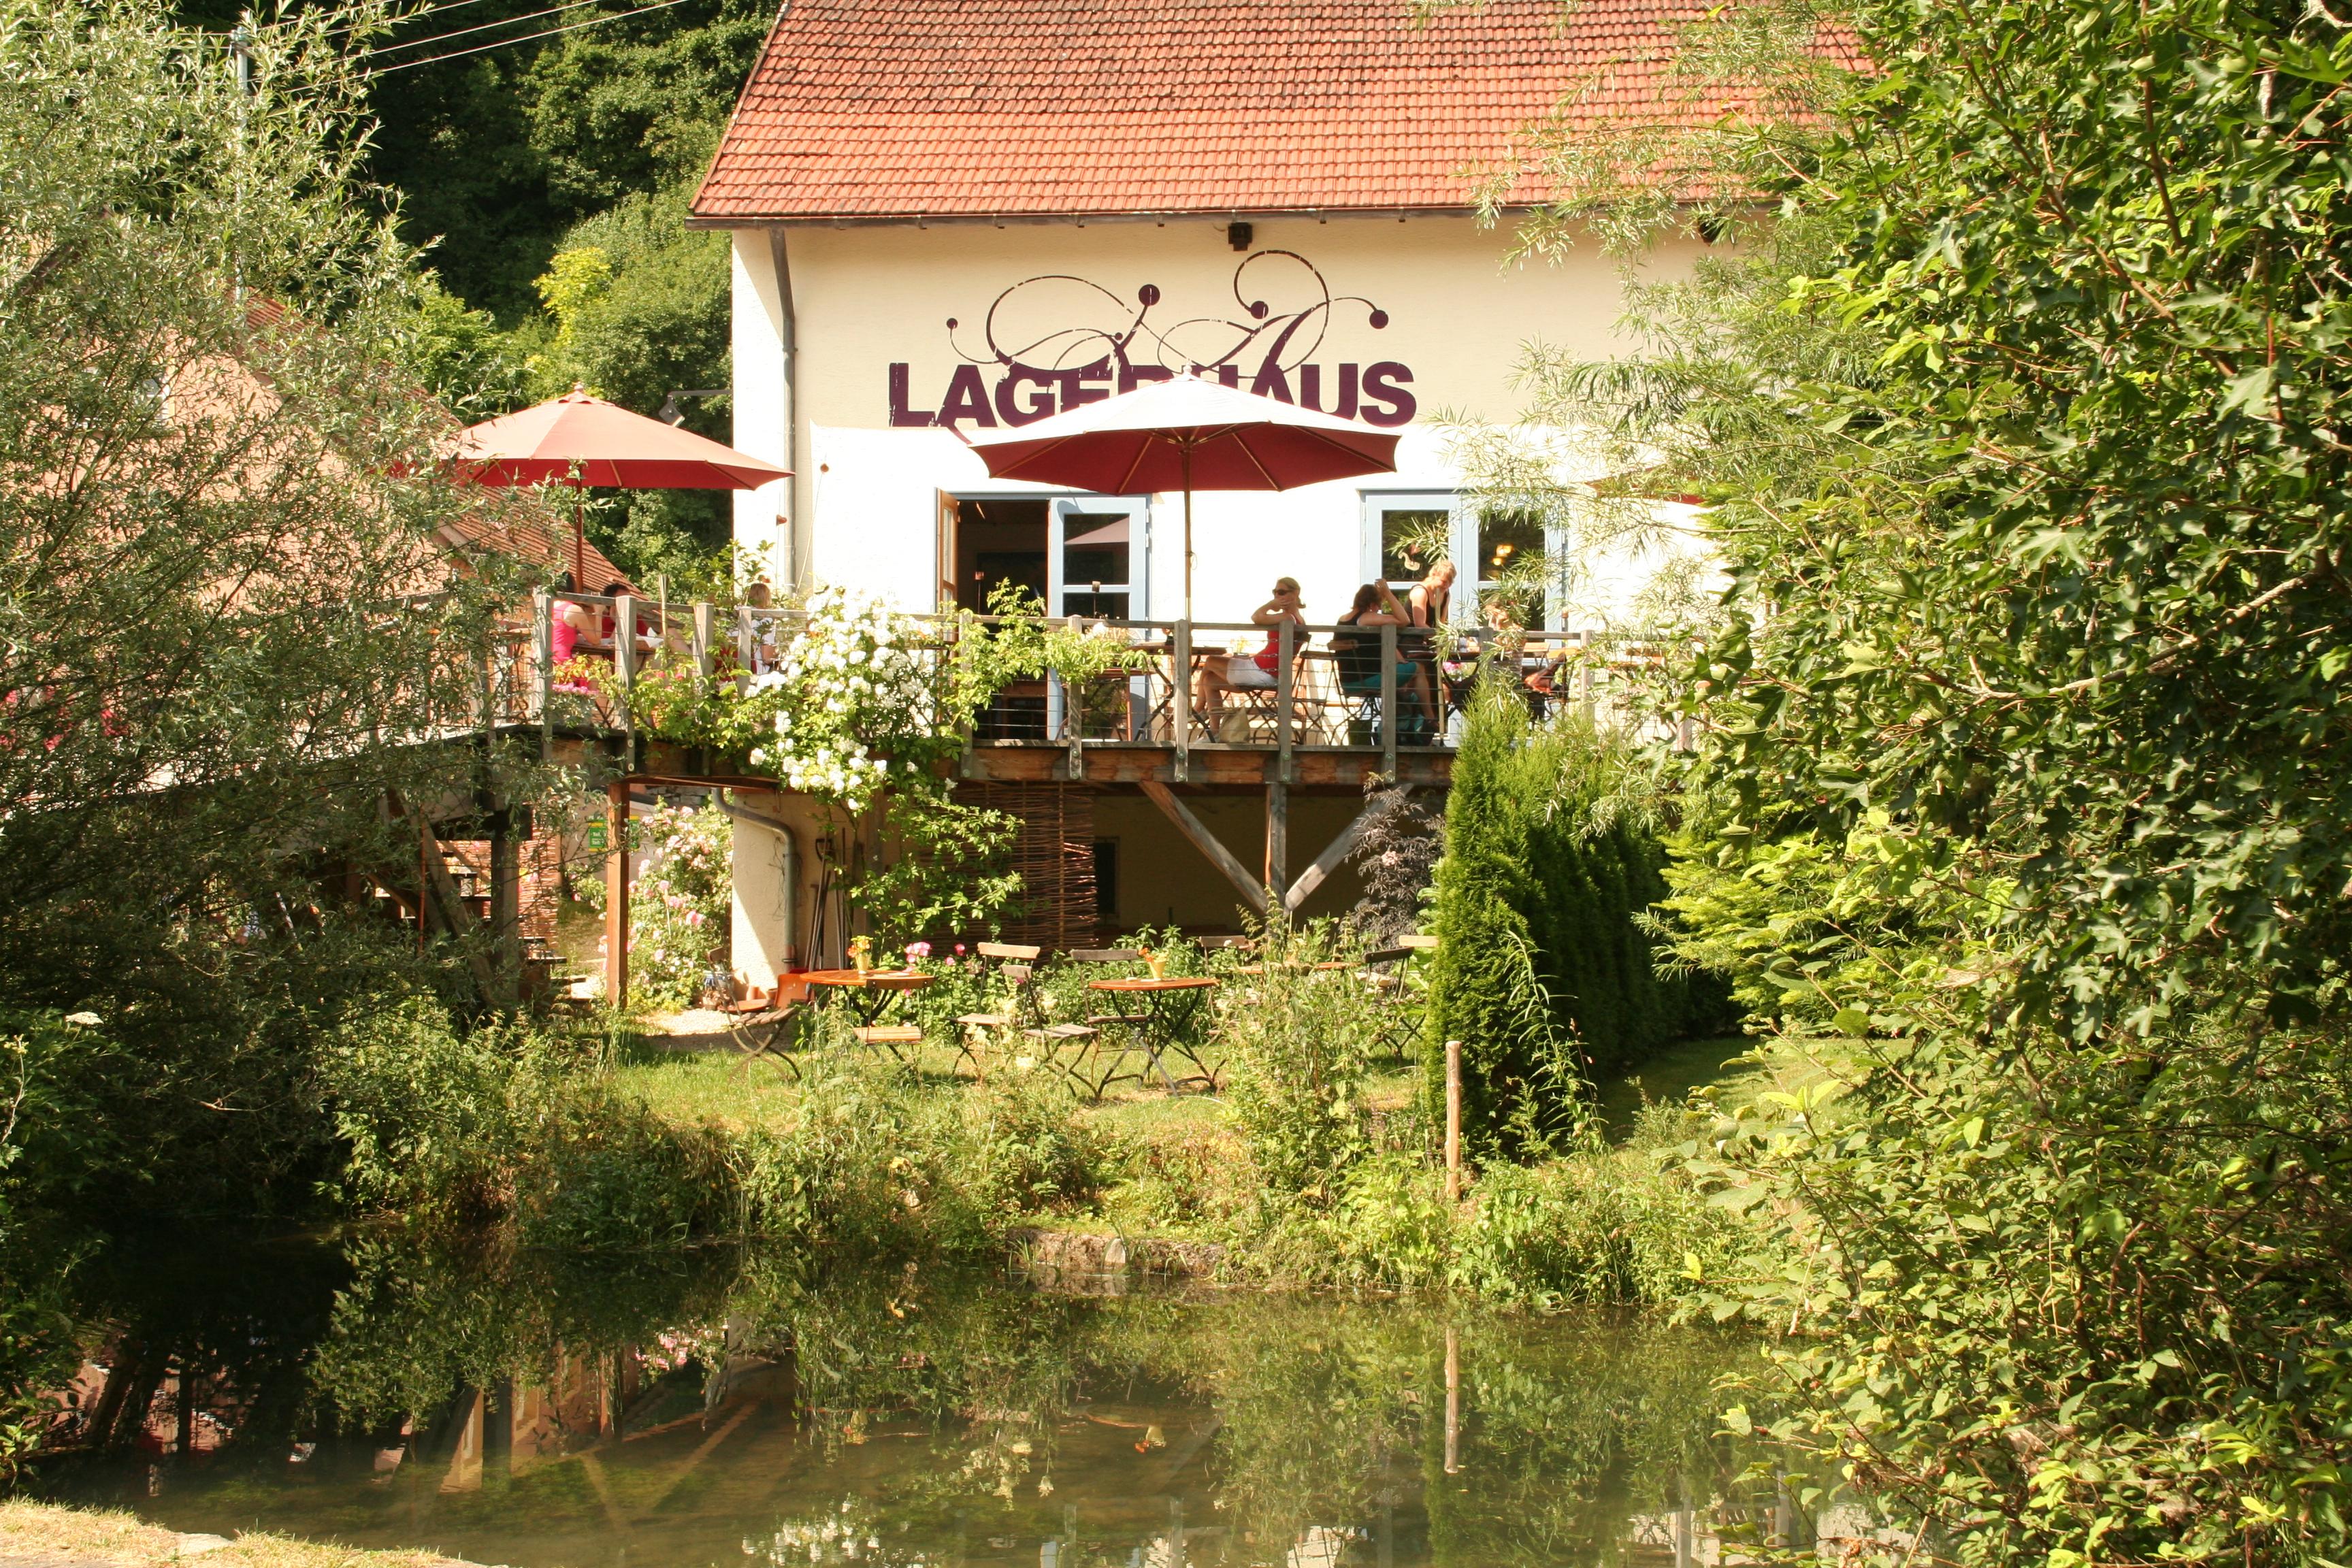 Ein Gebäude mit der Aufschrift Lagerhaus, davor eine Terasse mit mehreren Tischen und Stühlen und Sonnenschirmen, davor eine kleine Wiese mit Tischen und Stühlen, die driekt an einem Fluss stehen. Es ist sonnig.